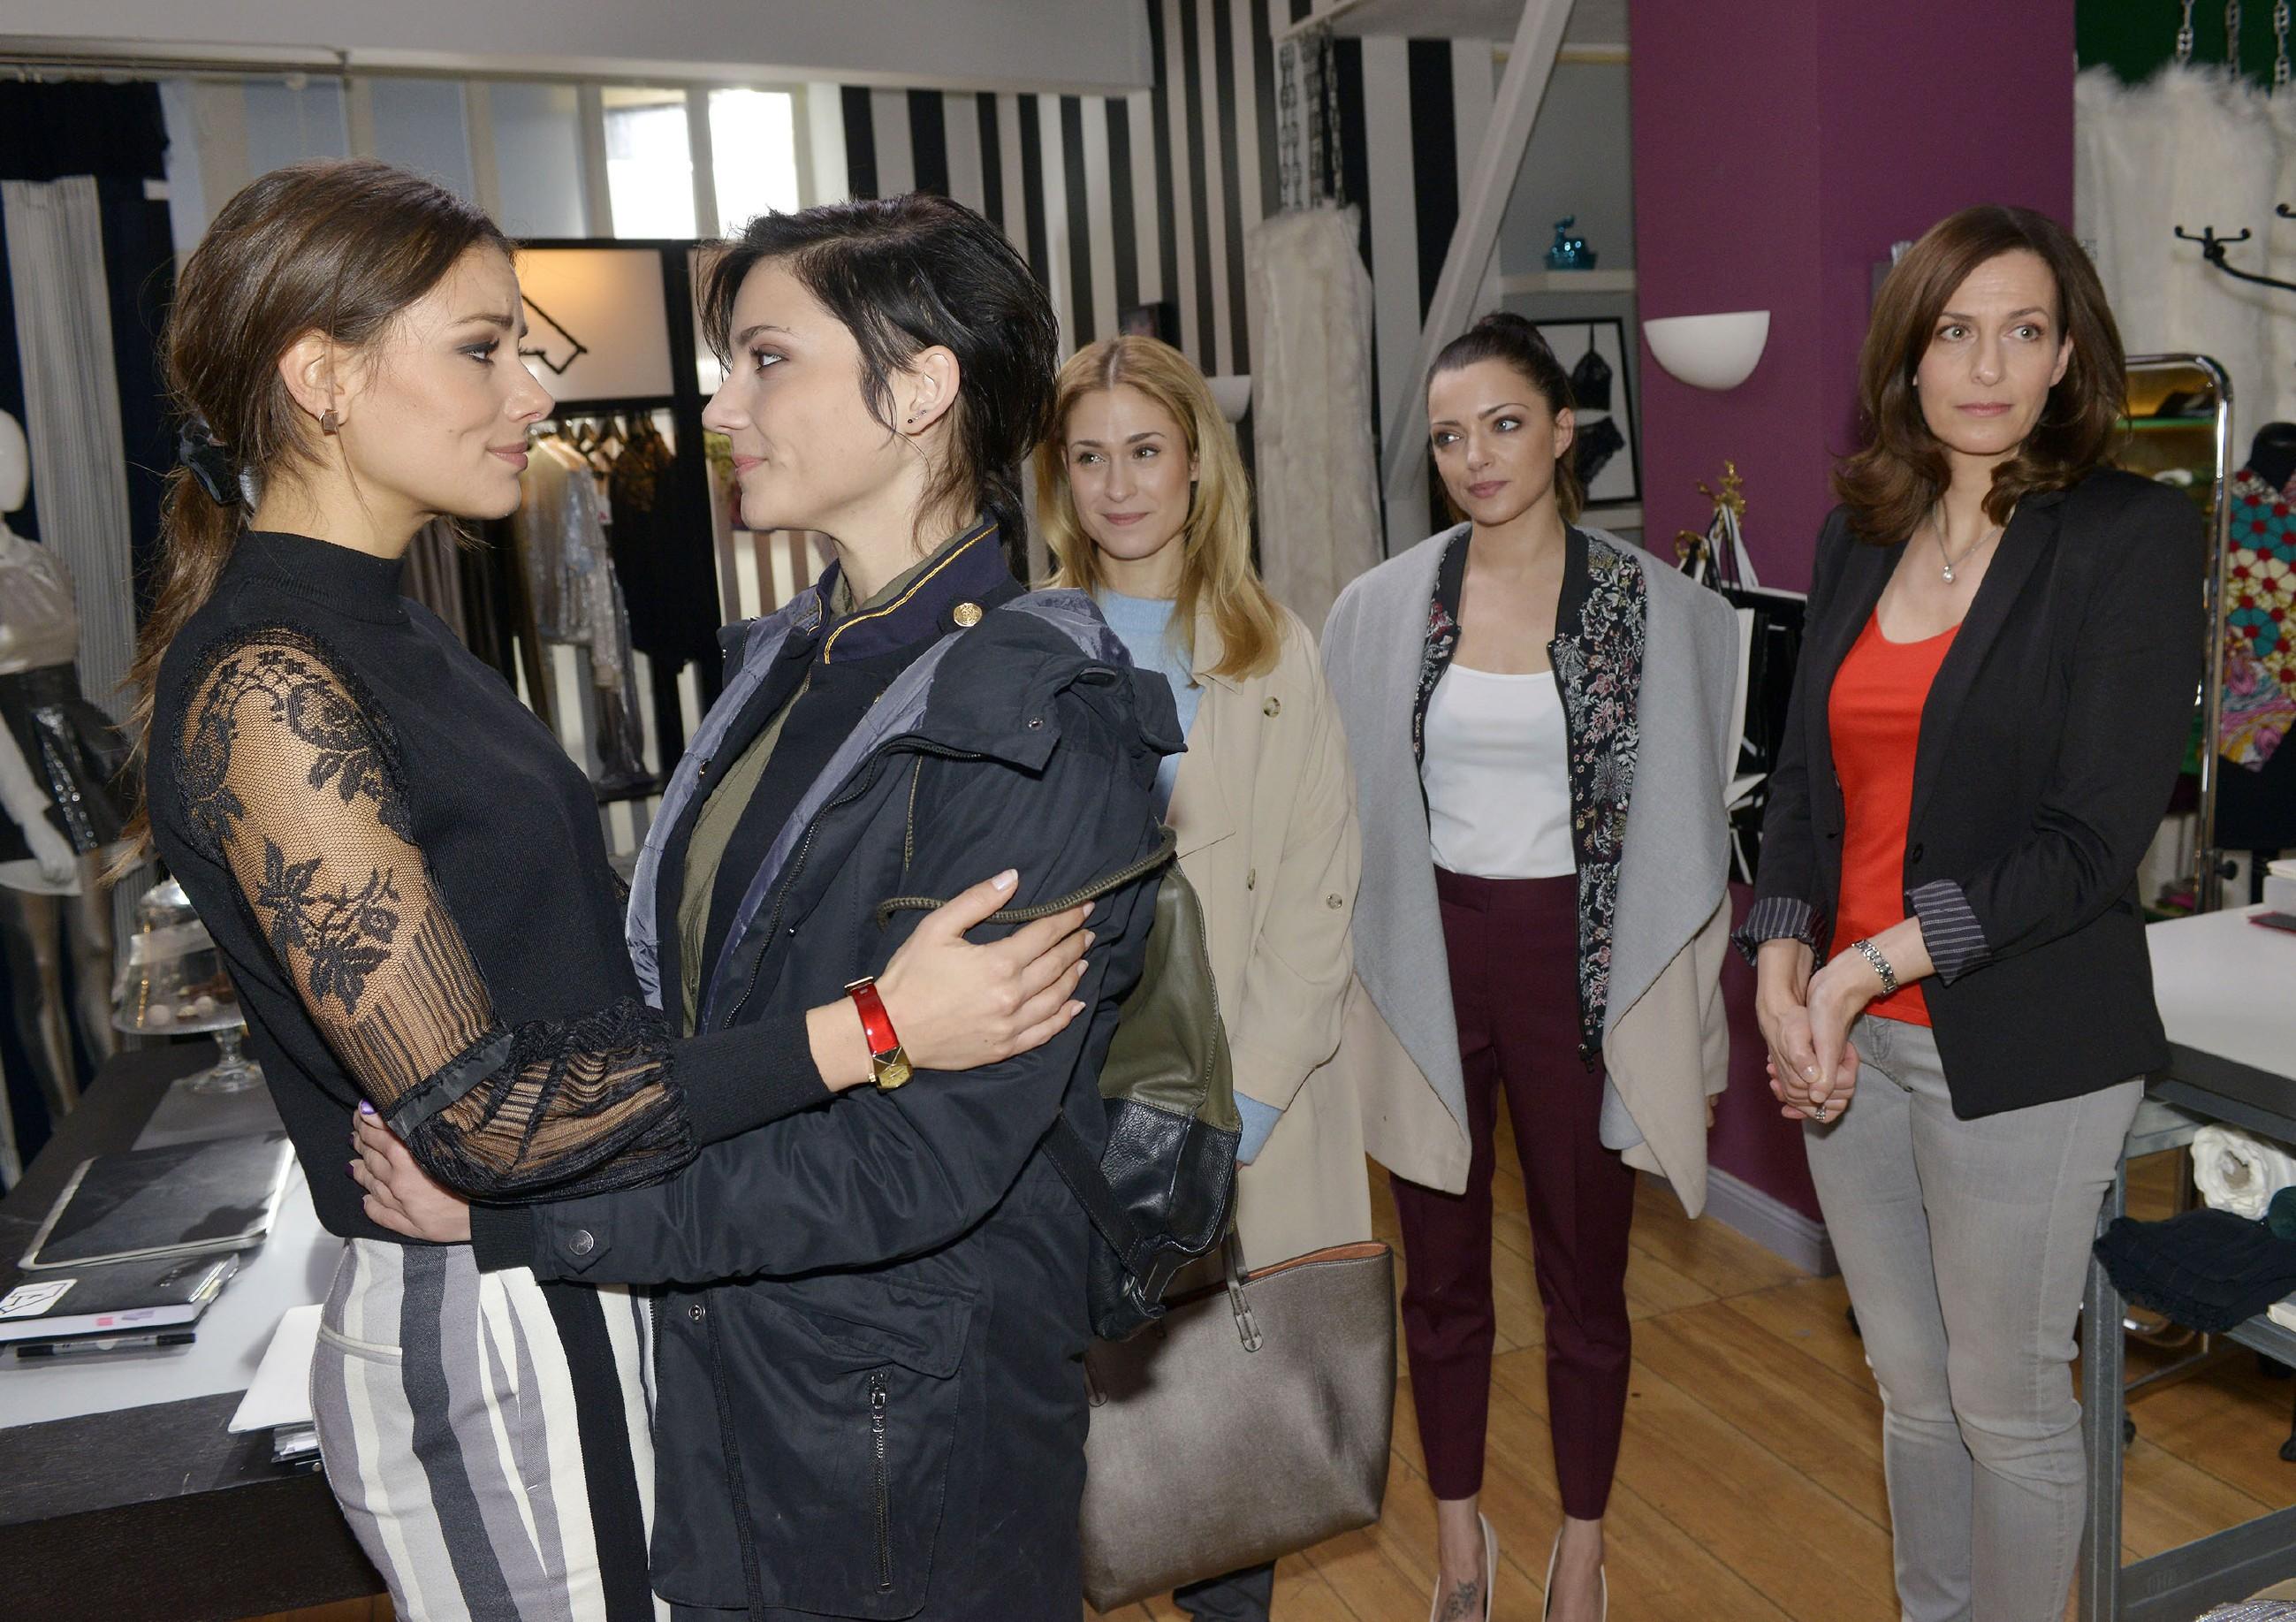 V.l.: Jasmin (Janina Uhse, l.) ist froh und dankbar, dass Anni (Linda Marlen Runge), Sophie (Lea Marlen Woitack), Emily (Anne Menden) und Katrin (Ulrike Frank) an sie glauben. (Quelle: RTL / Rolf Baumgartner)